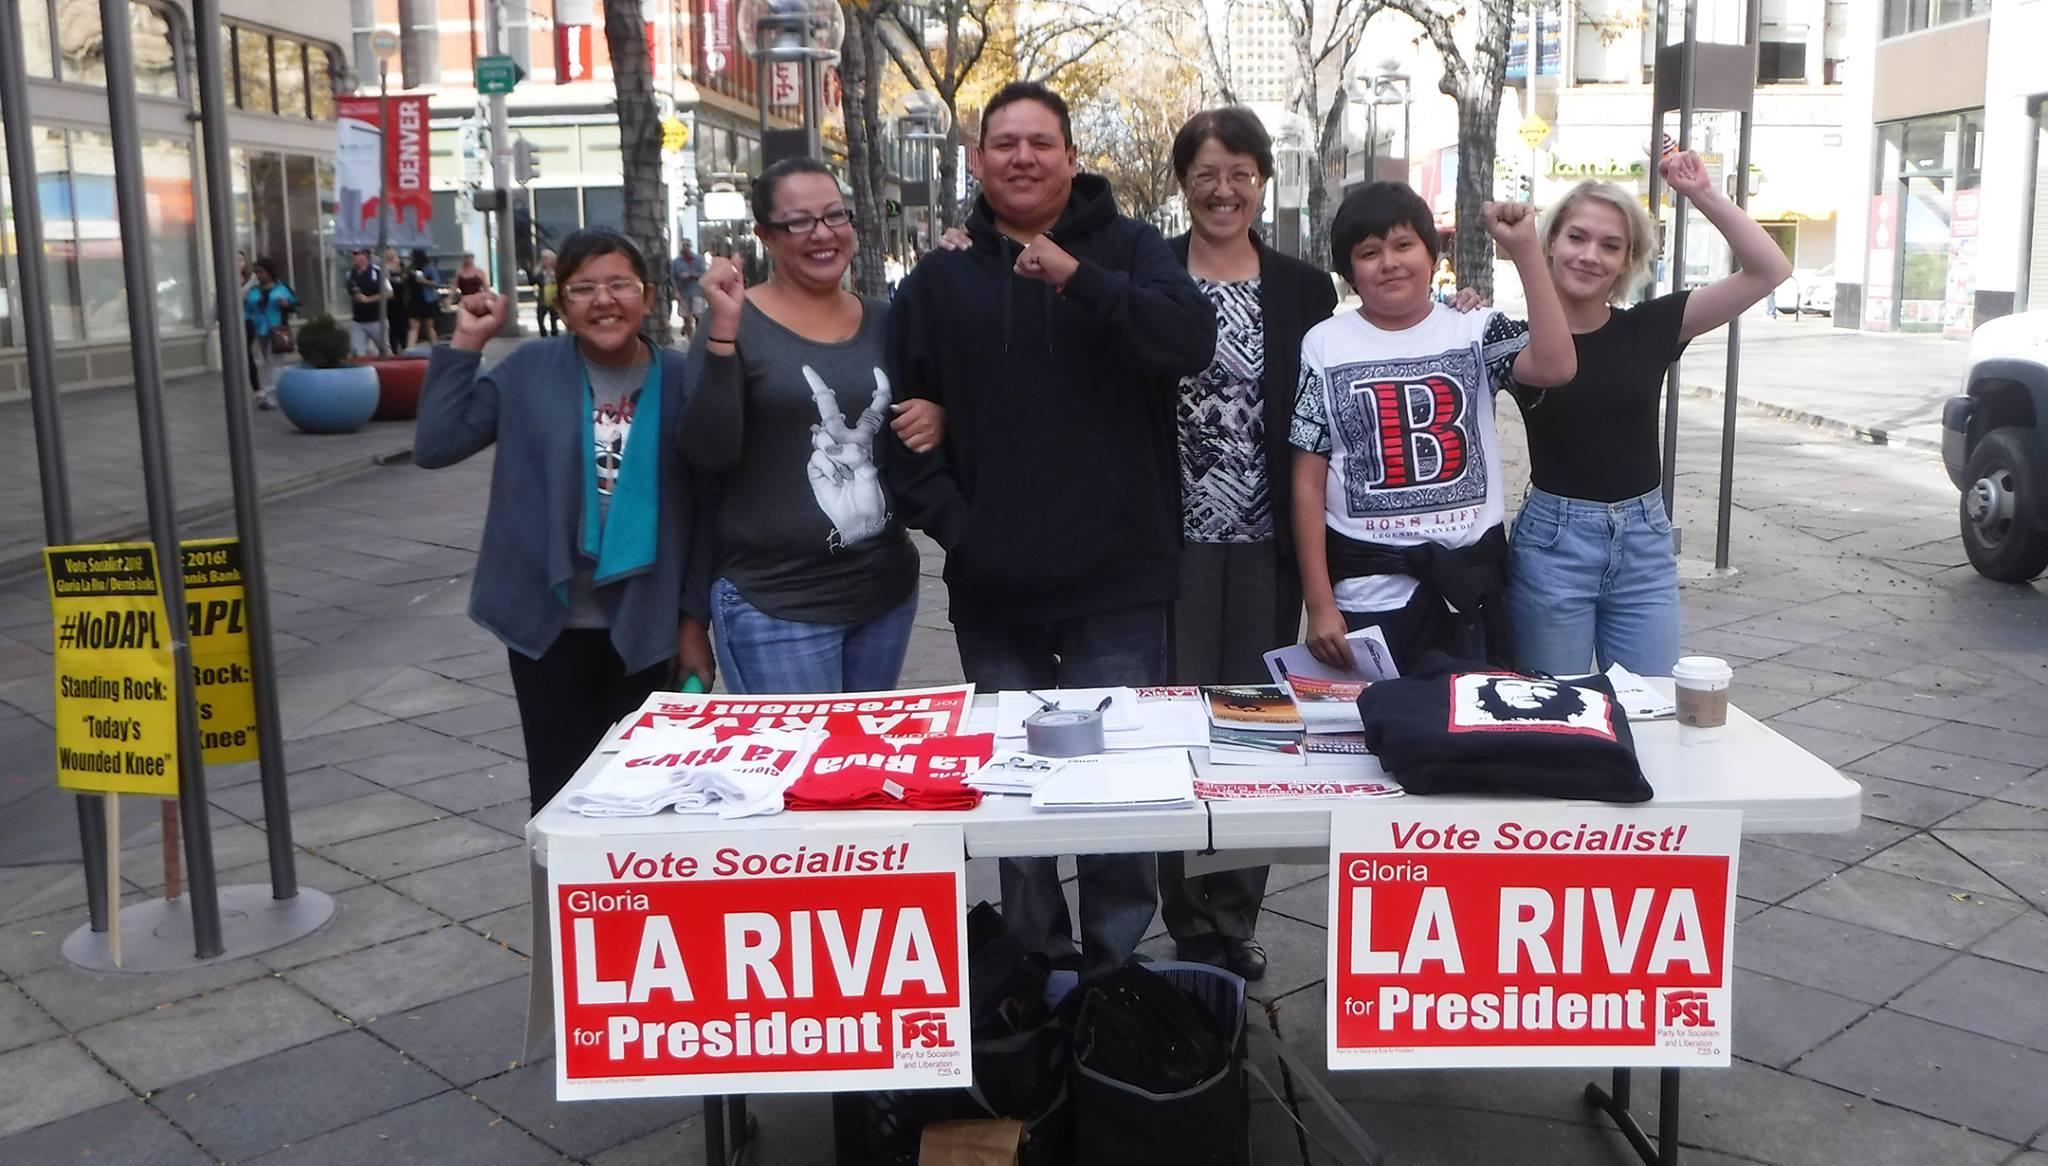 Photo of La Riva campaigns in Colorado